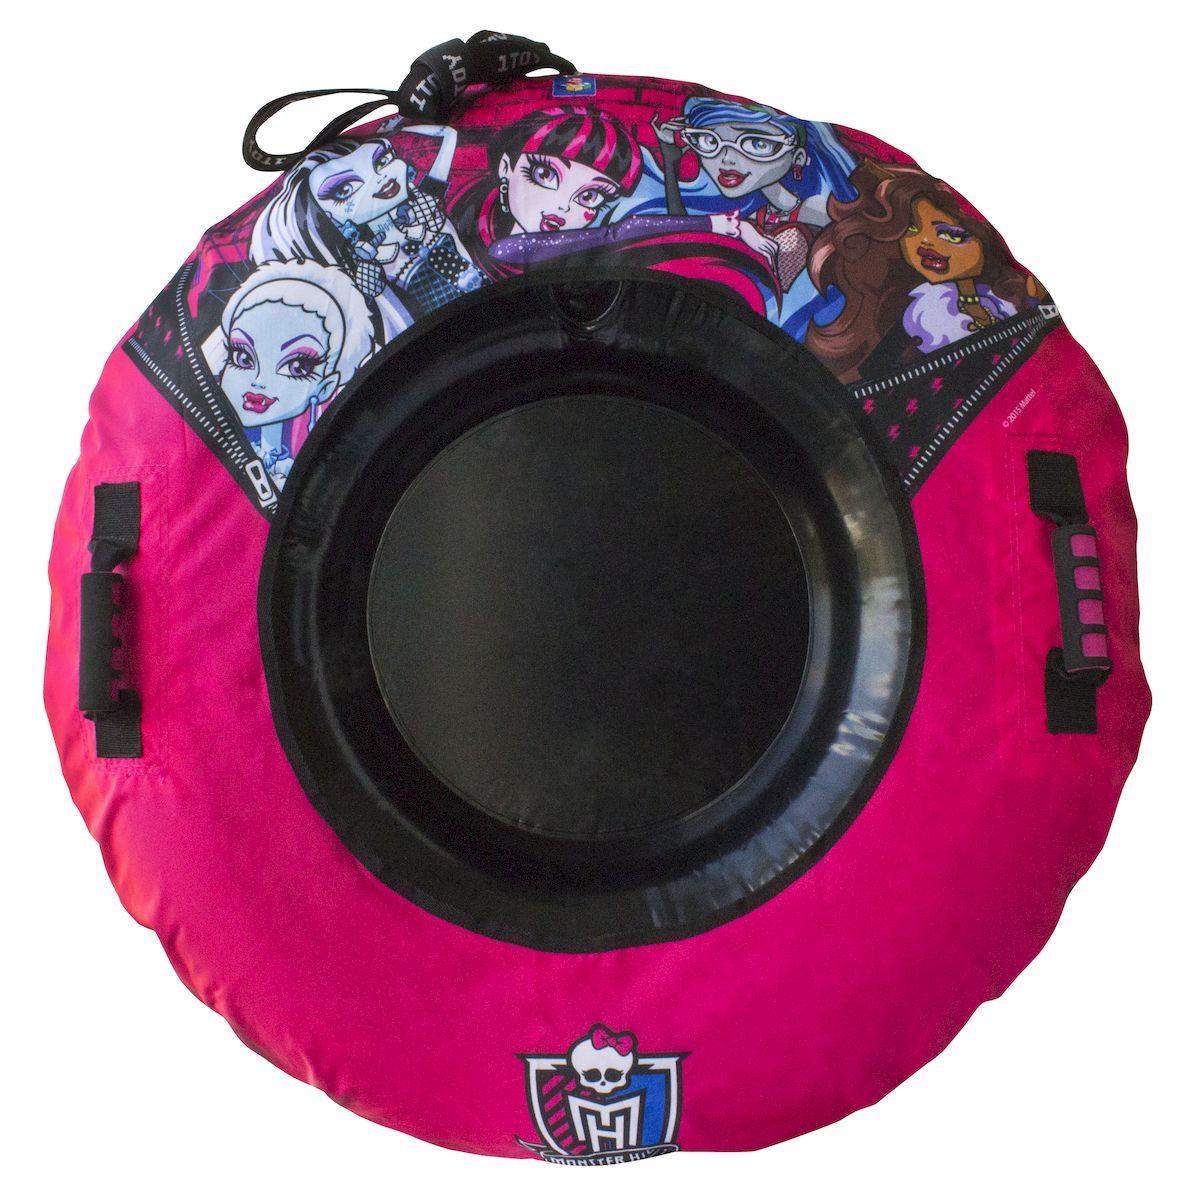 Тюбинг 1toy Monster High, с плотными ручками, диаметр 92 смТ56364Оригинальные надувные санки-тюбинг Monster High с красочным рисунком героев мультфильма, отлично подходят для увлекательного зимнего катания. Внутренняя камера выполнена из ПВХ, наружный чехол из нейлона 420 ден и ламинированного ПВХ.У тюбинга есть специальное место для сидения, две надежные ручки, буксировочный трос.